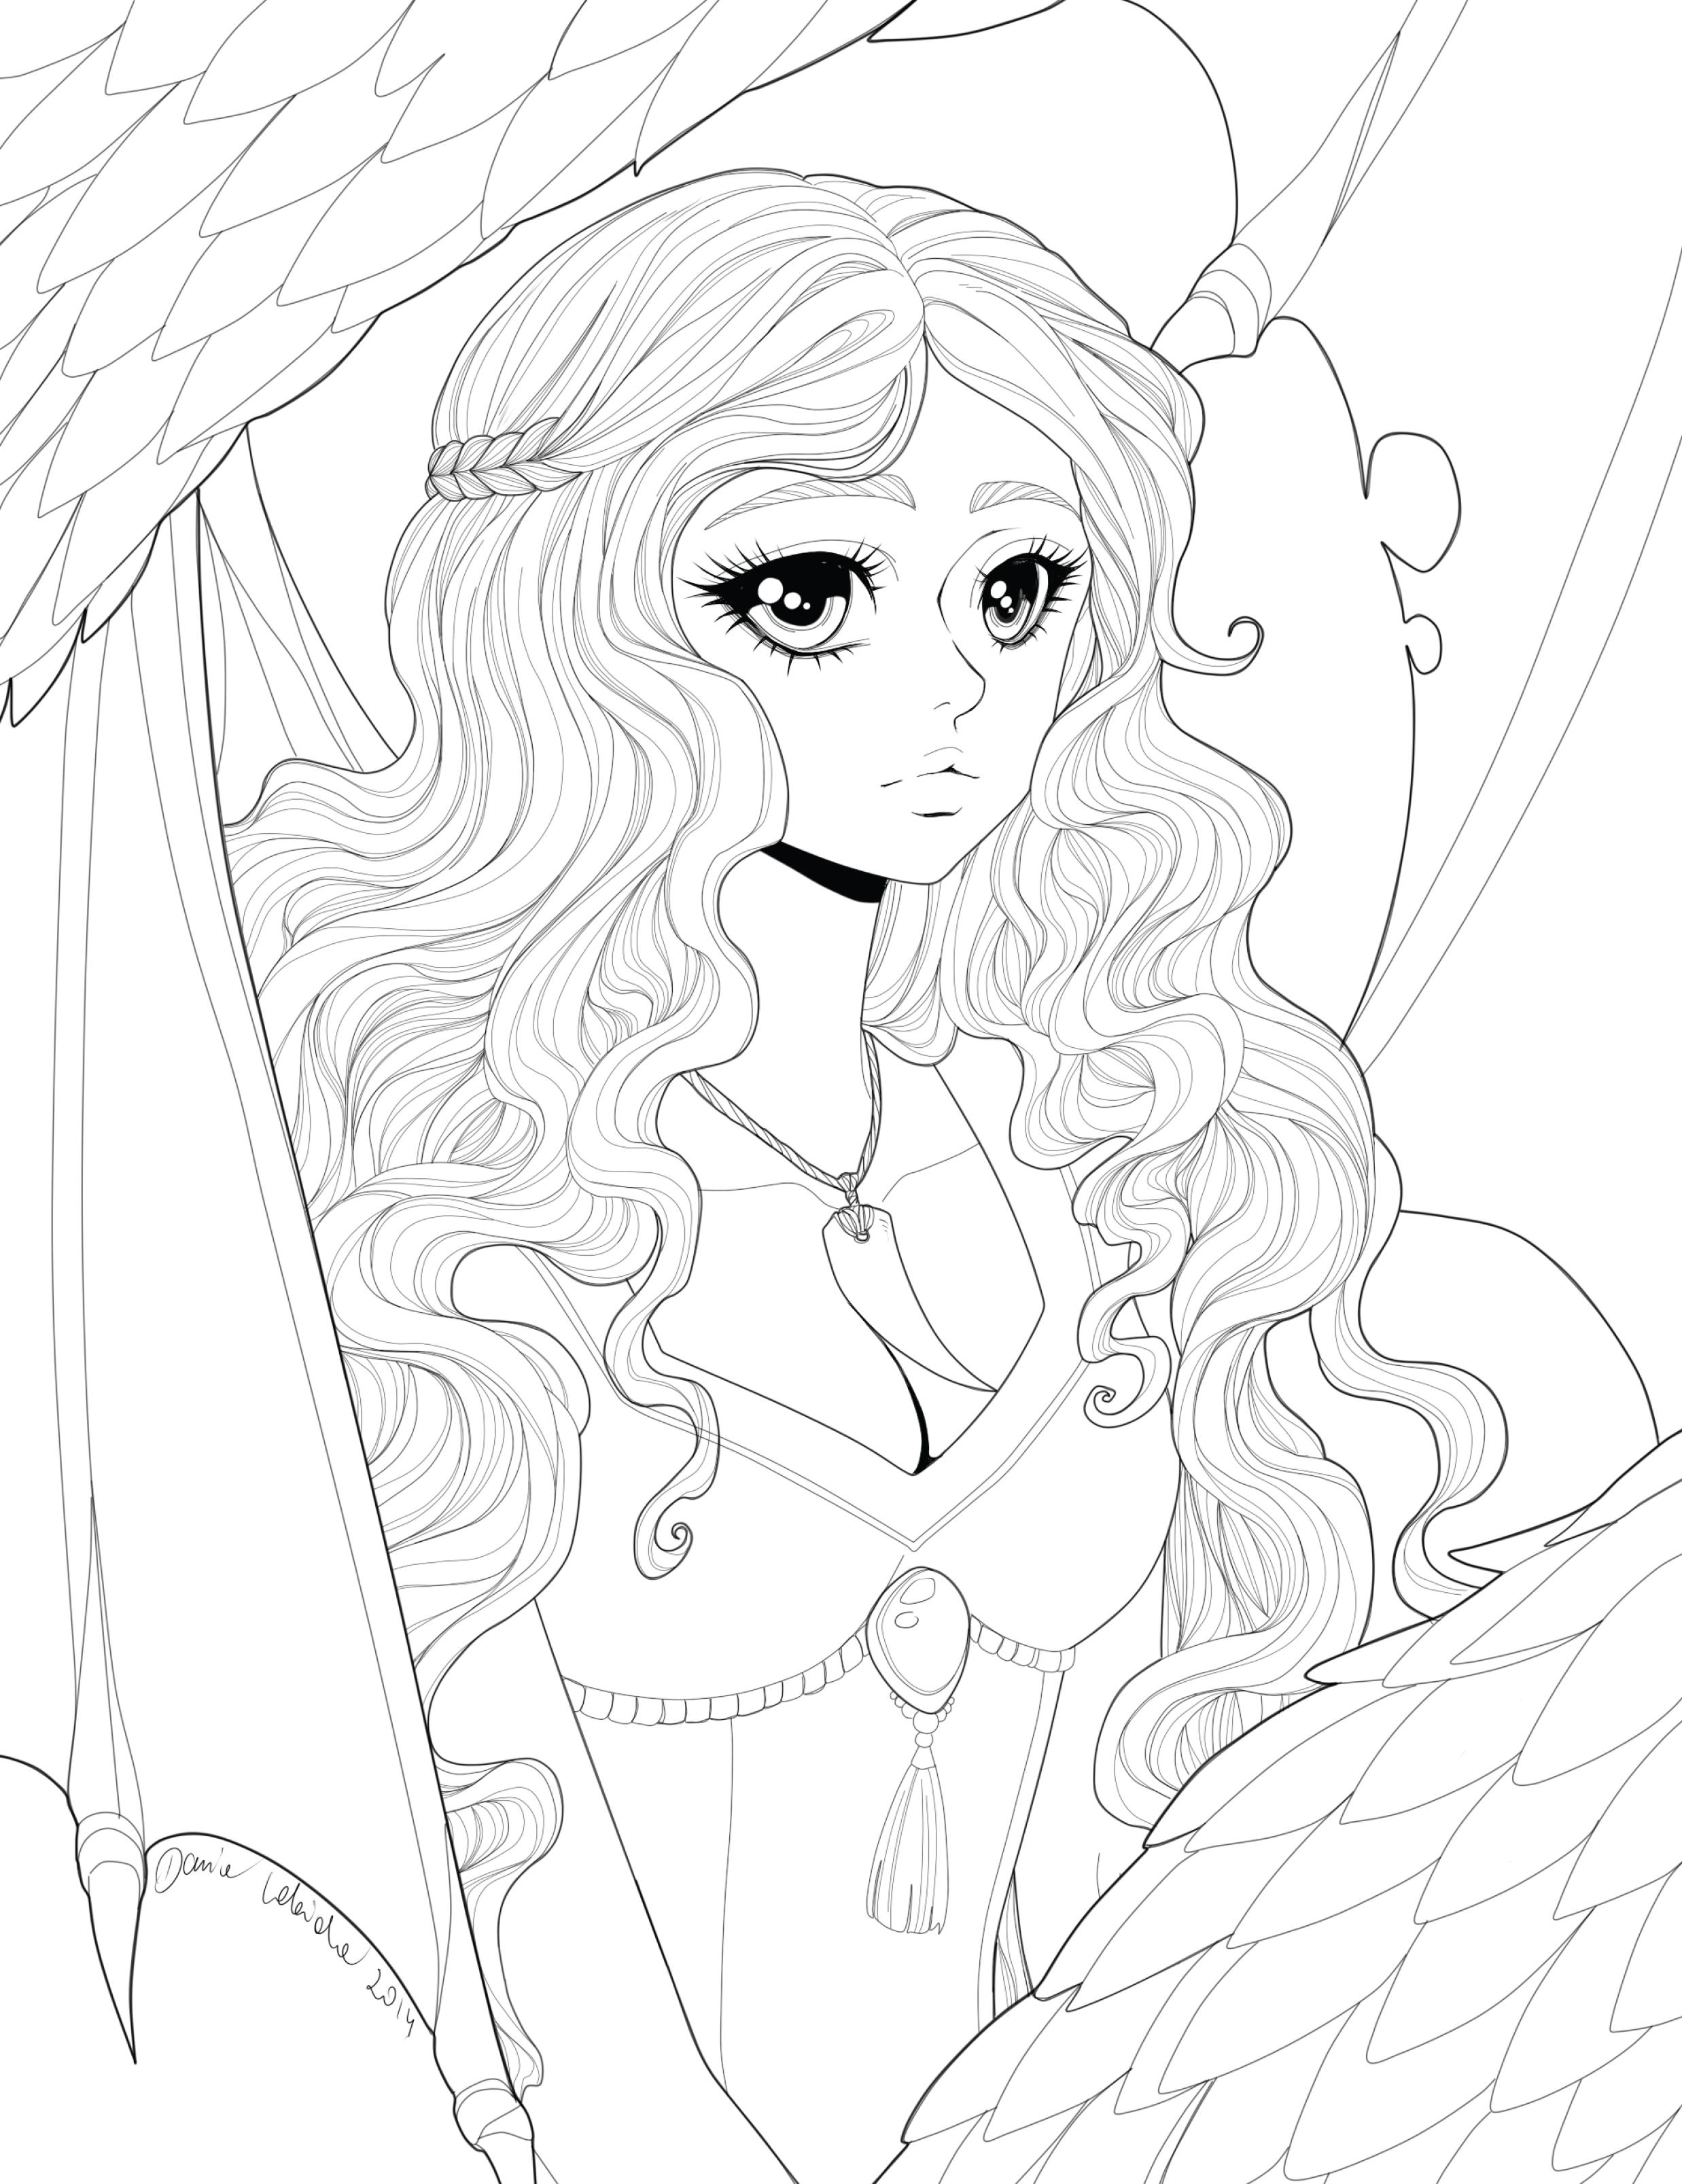 Coloriage princesse dragon art-therapie à imprimer par Dar-Chan